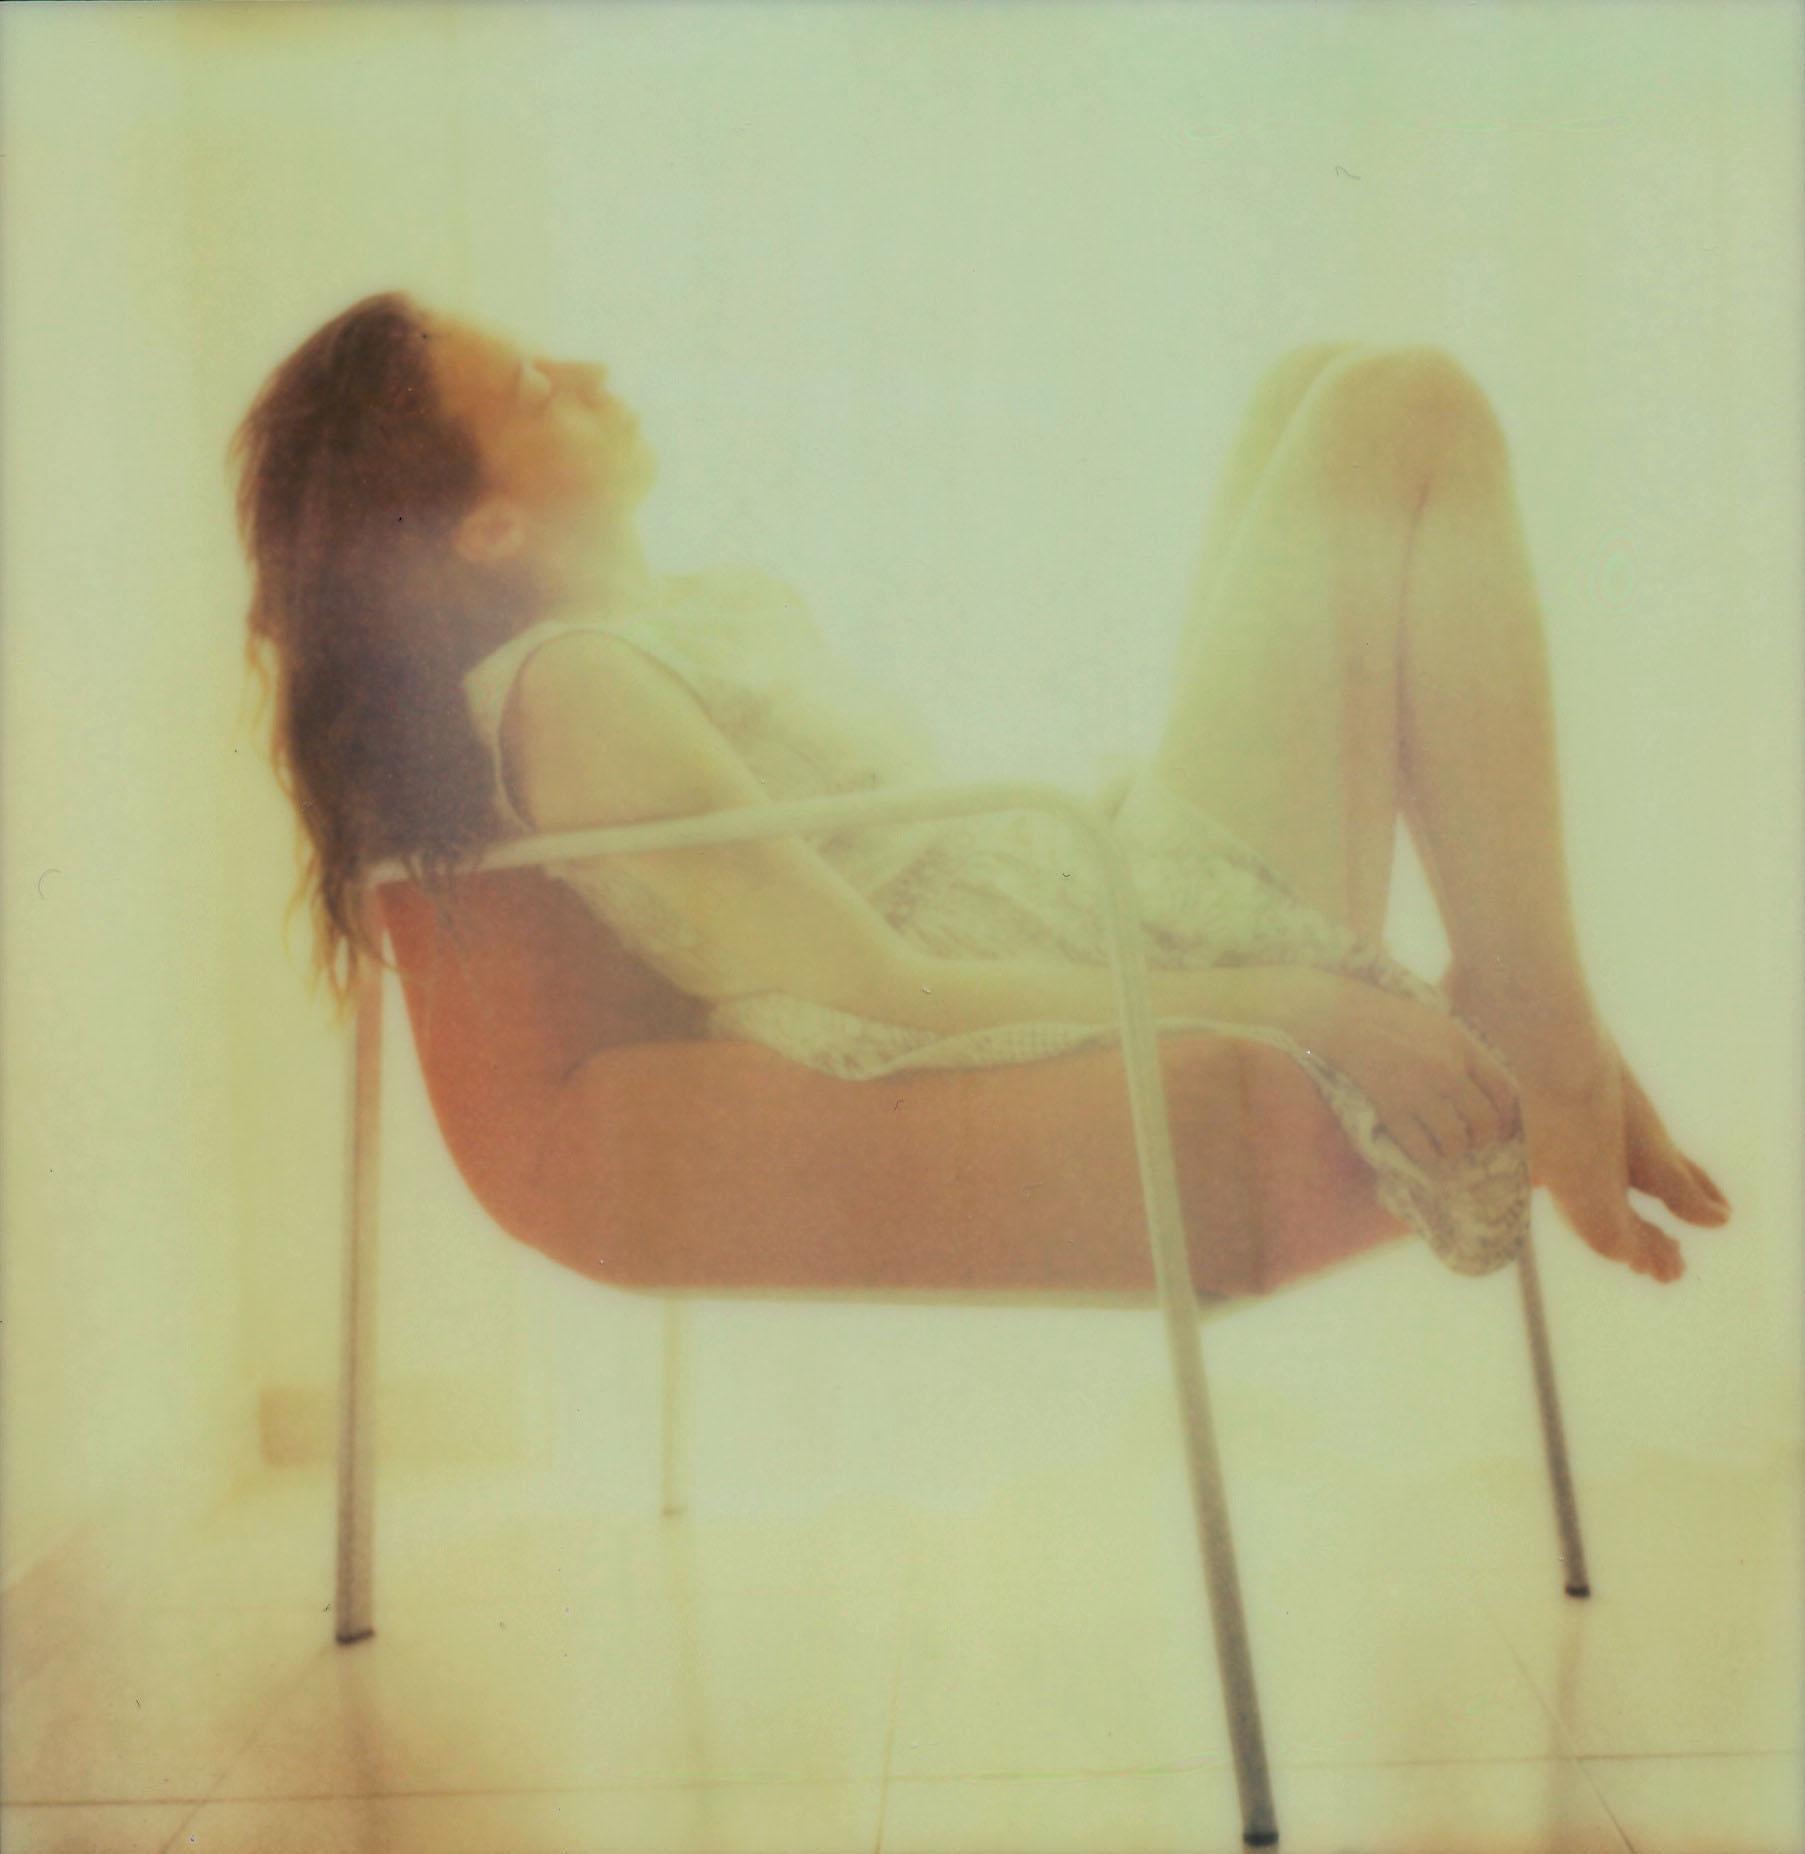 Self-Portrait - Contemporary, Polaroid, Color, Portrait